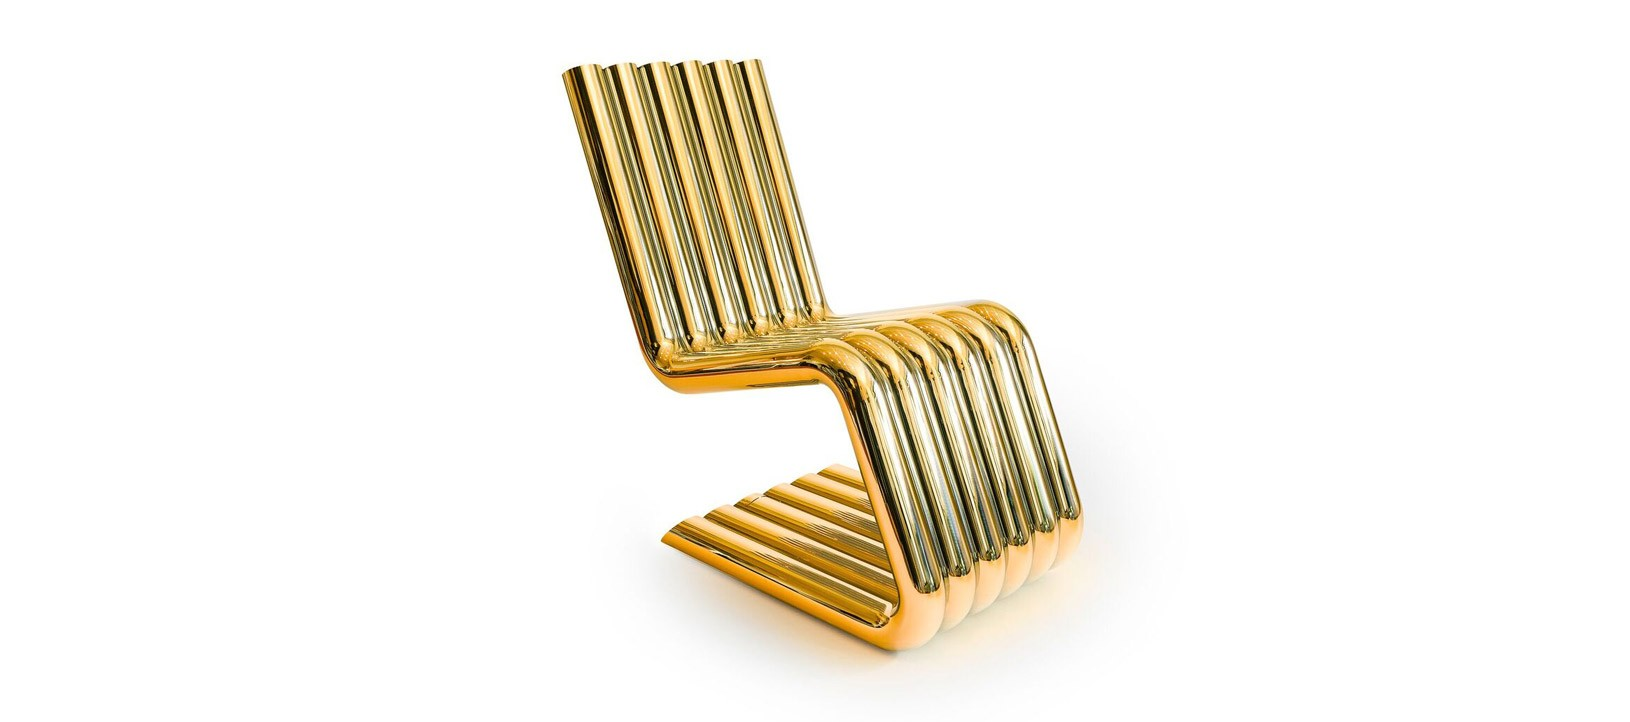 obiecte de design celebre Philip Caggiano